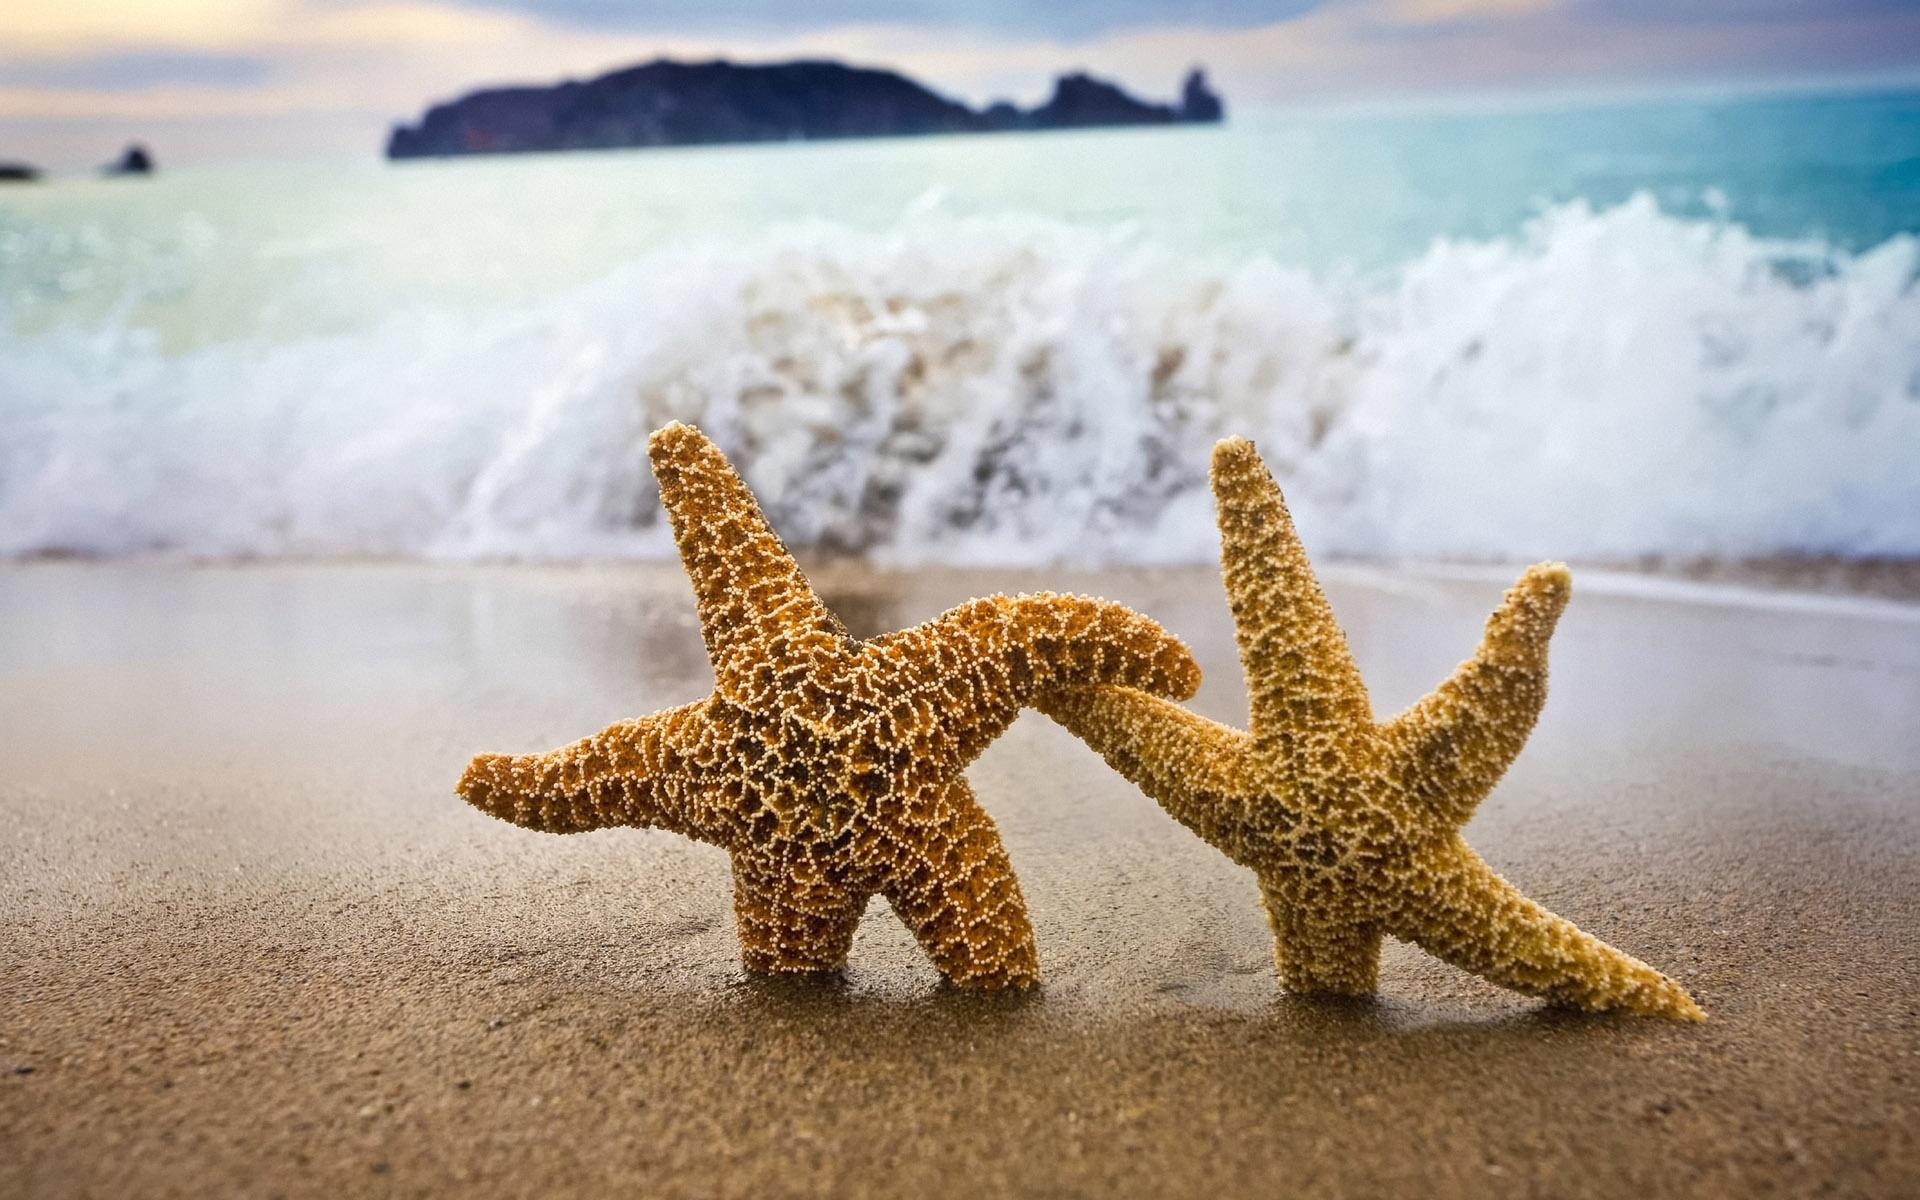 Estrellas de mar en playa - 1920x1200